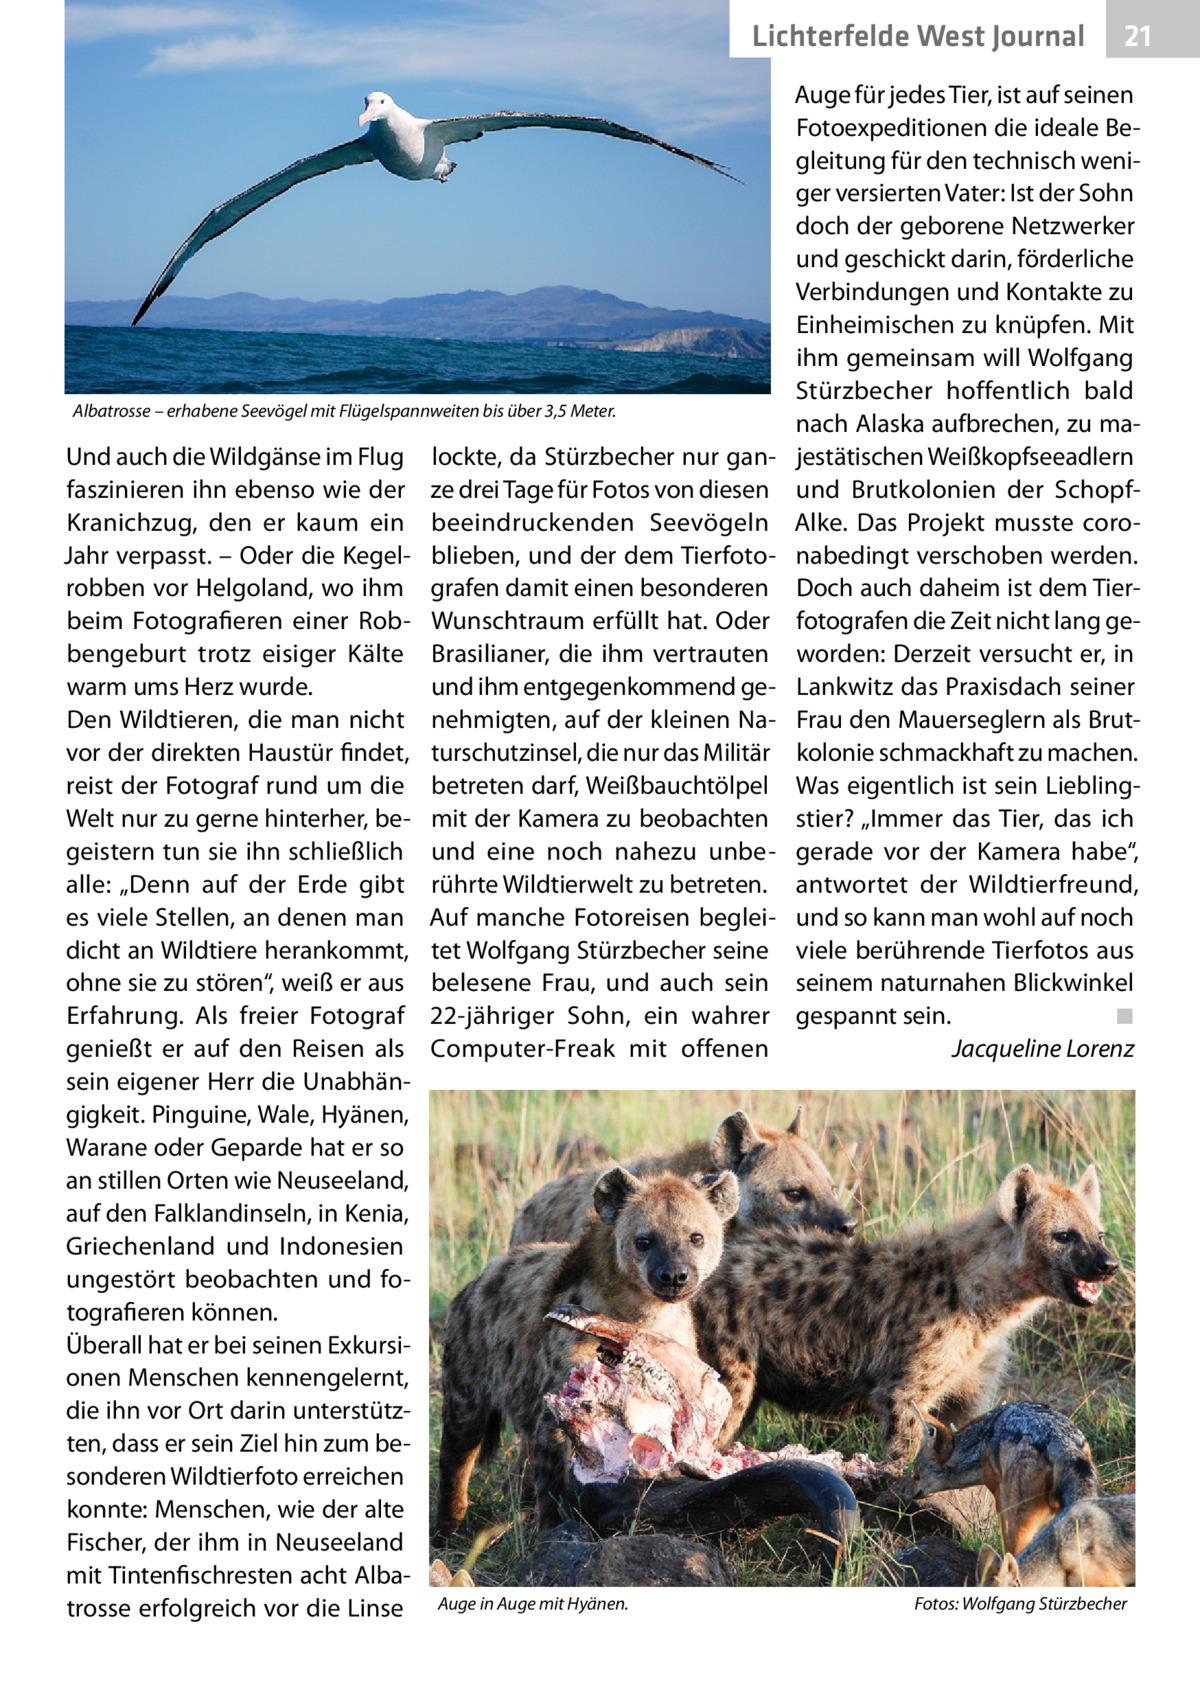 """Lichterfelde West Journal  Albatrosse – erhabene Seevögel mit Flügelspannweiten bis über 3,5Meter.  Und auch die Wildgänse im Flug faszinieren ihn ebenso wie der Kranichzug, den er kaum ein Jahr verpasst. – Oder die Kegelrobben vor Helgoland, wo ihm beim Fotografieren einer Robbengeburt trotz eisiger Kälte warm ums Herz wurde. Den Wildtieren, die man nicht vor der direkten Haustür findet, reist der Fotograf rund um die Welt nur zu gerne hinterher, begeistern tun sie ihn schließlich alle: """"Denn auf der Erde gibt es viele Stellen, an denen man dicht an Wildtiere herankommt, ohne sie zu stören"""", weiß er aus Erfahrung. Als freier Fotograf genießt er auf den Reisen als sein eigener Herr die Unabhängigkeit. Pinguine, Wale, Hyänen, Warane oder Geparde hat er so an stillen Orten wie Neuseeland, auf den Falklandinseln, in Kenia, Griechenland und Indonesien ungestört beobachten und fotografieren können. Überall hat er bei seinen Exkursionen Menschen kennengelernt, die ihn vor Ort darin unterstützten, dass er sein Ziel hin zum besonderen Wildtierfoto erreichen konnte: Menschen, wie der alte Fischer, der ihm in Neuseeland mit Tintenfischresten acht Albatrosse erfolgreich vor die Linse  lockte, da Stürzbecher nur ganze drei Tage für Fotos von diesen beeindruckenden Seevögeln blieben, und der dem Tierfotografen damit einen besonderen Wunschtraum erfüllt hat. Oder Brasilianer, die ihm vertrauten und ihm entgegenkommend genehmigten, auf der kleinen Naturschutzinsel, die nur das Militär betreten darf, Weißbauchtölpel mit der Kamera zu beobachten und eine noch nahezu unberührte Wildtierwelt zu betreten. Auf manche Fotoreisen begleitet Wolfgang Stürzbecher seine belesene Frau, und auch sein 22-jähriger Sohn, ein wahrer Computer-Freak mit offenen  Auge in Auge mit Hyänen.�  21 21  Auge für jedes Tier, ist auf seinen Fotoexpeditionen die ideale Begleitung für den technisch weniger versierten Vater: Ist der Sohn doch der geborene Netzwerker und geschickt darin, förderliche Verbindungen u"""